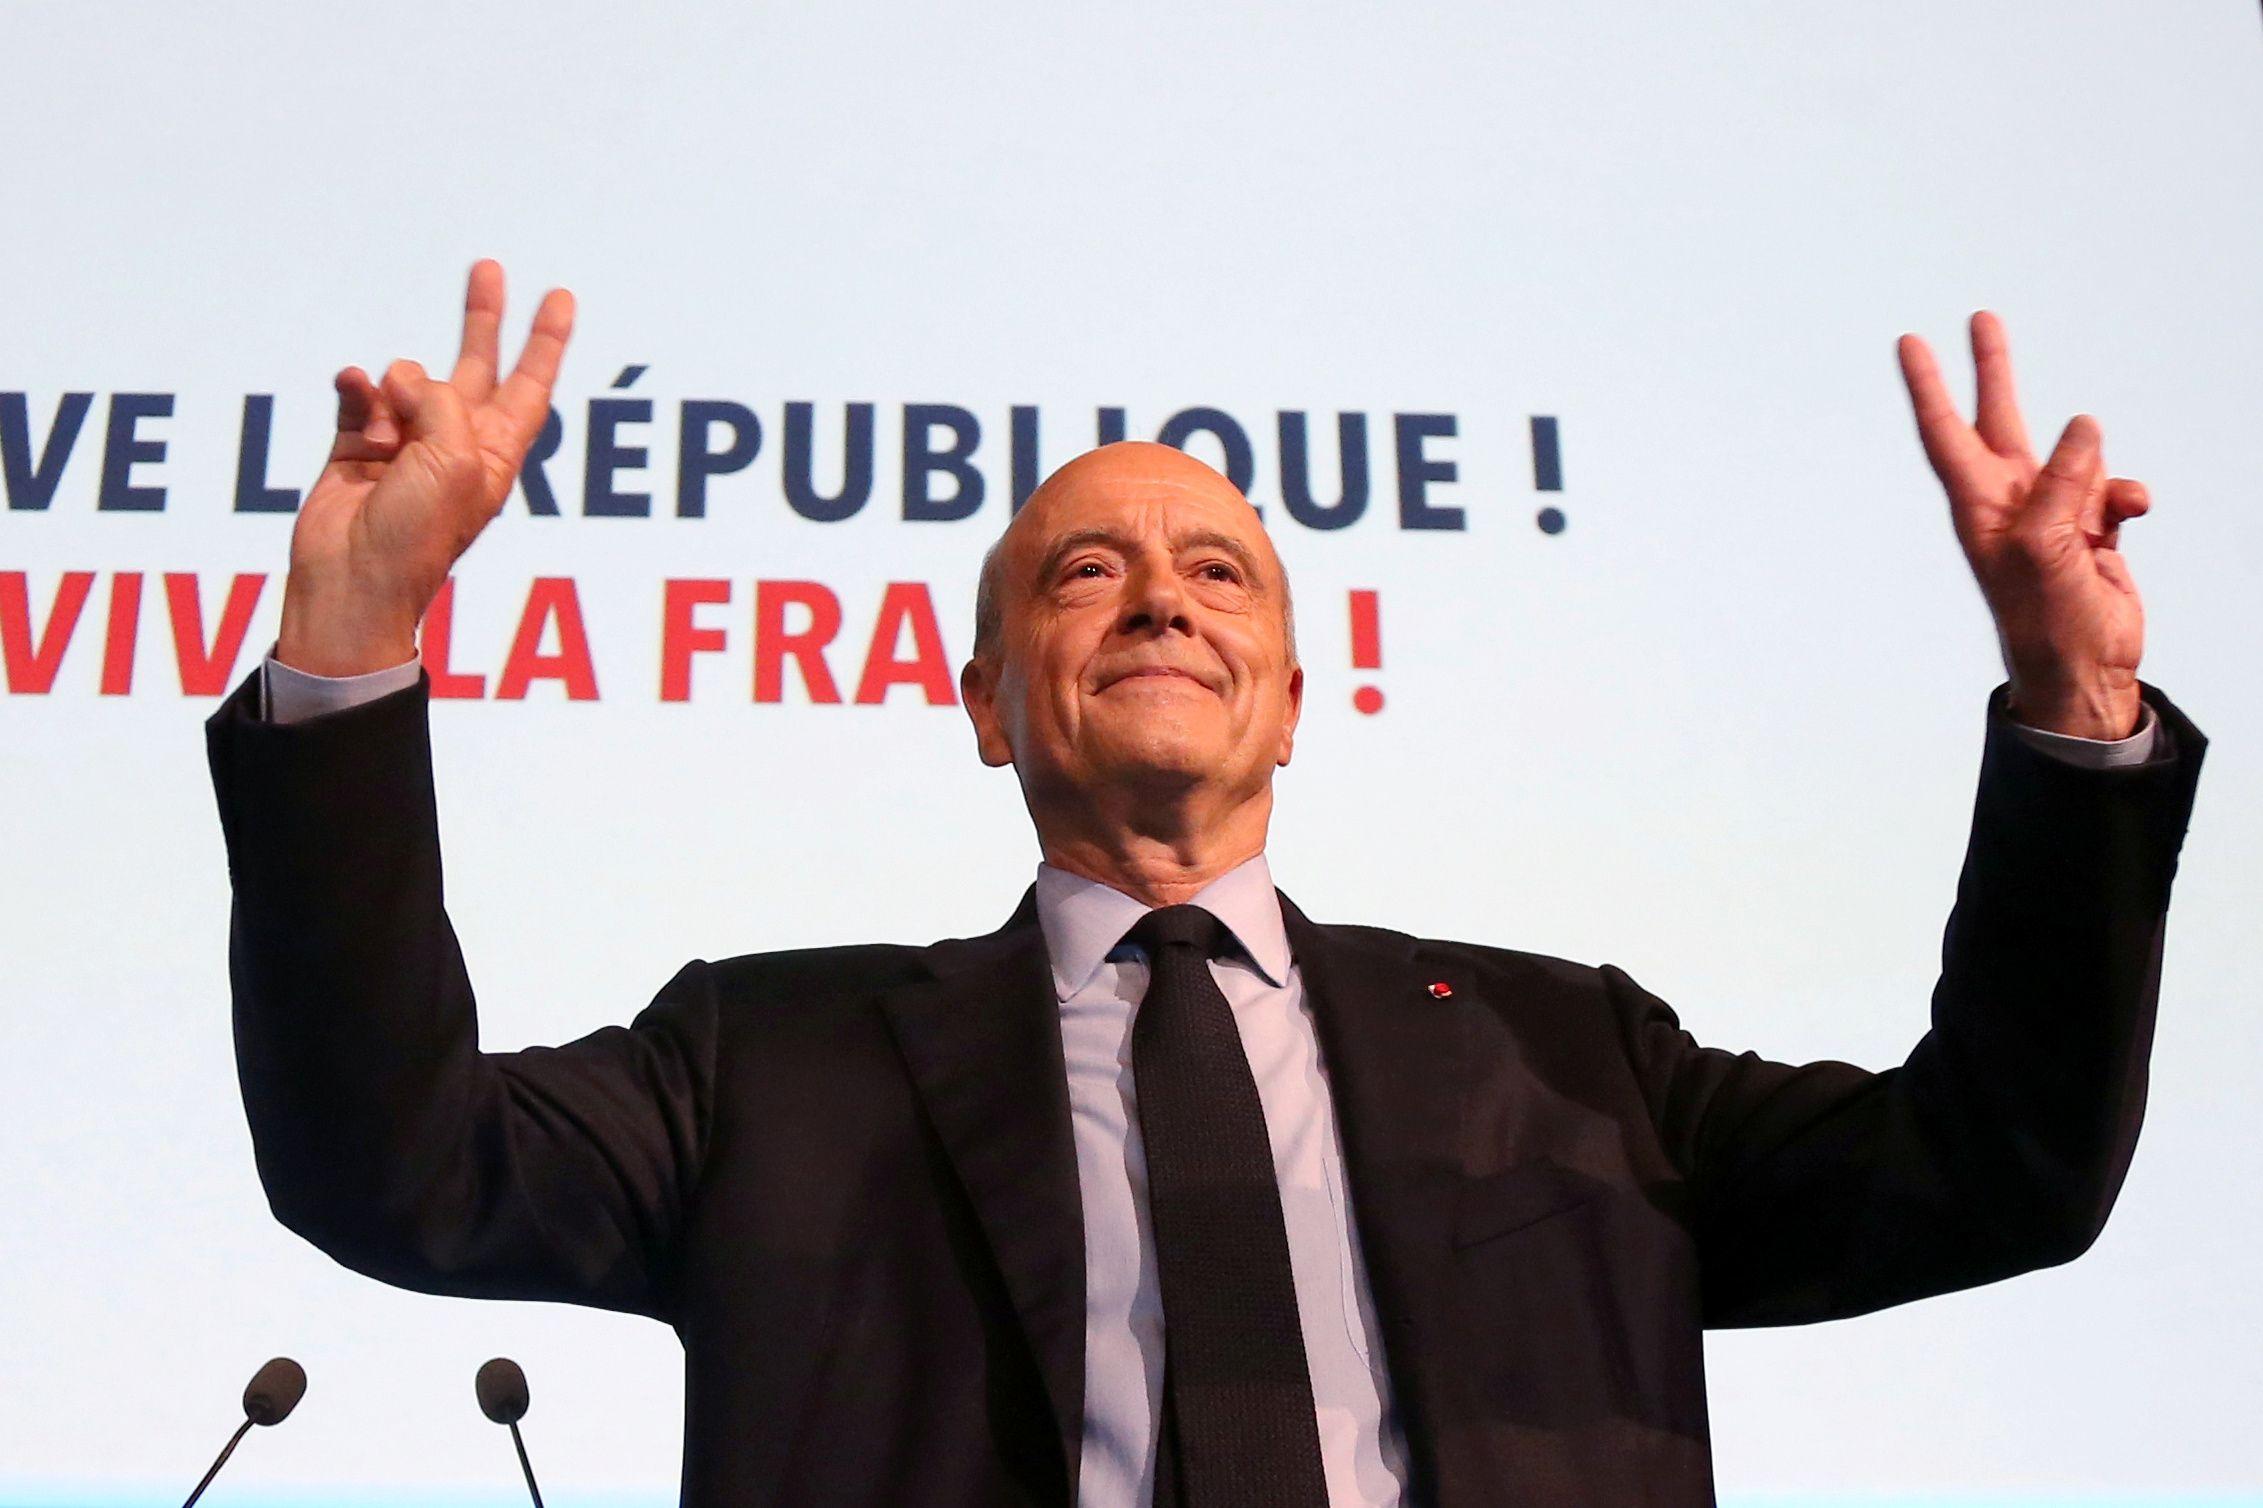 Présidentielle 2017 : en cas de victoire d'Alain Juppé, Valérie Pécresse serait favorite pour Matignon